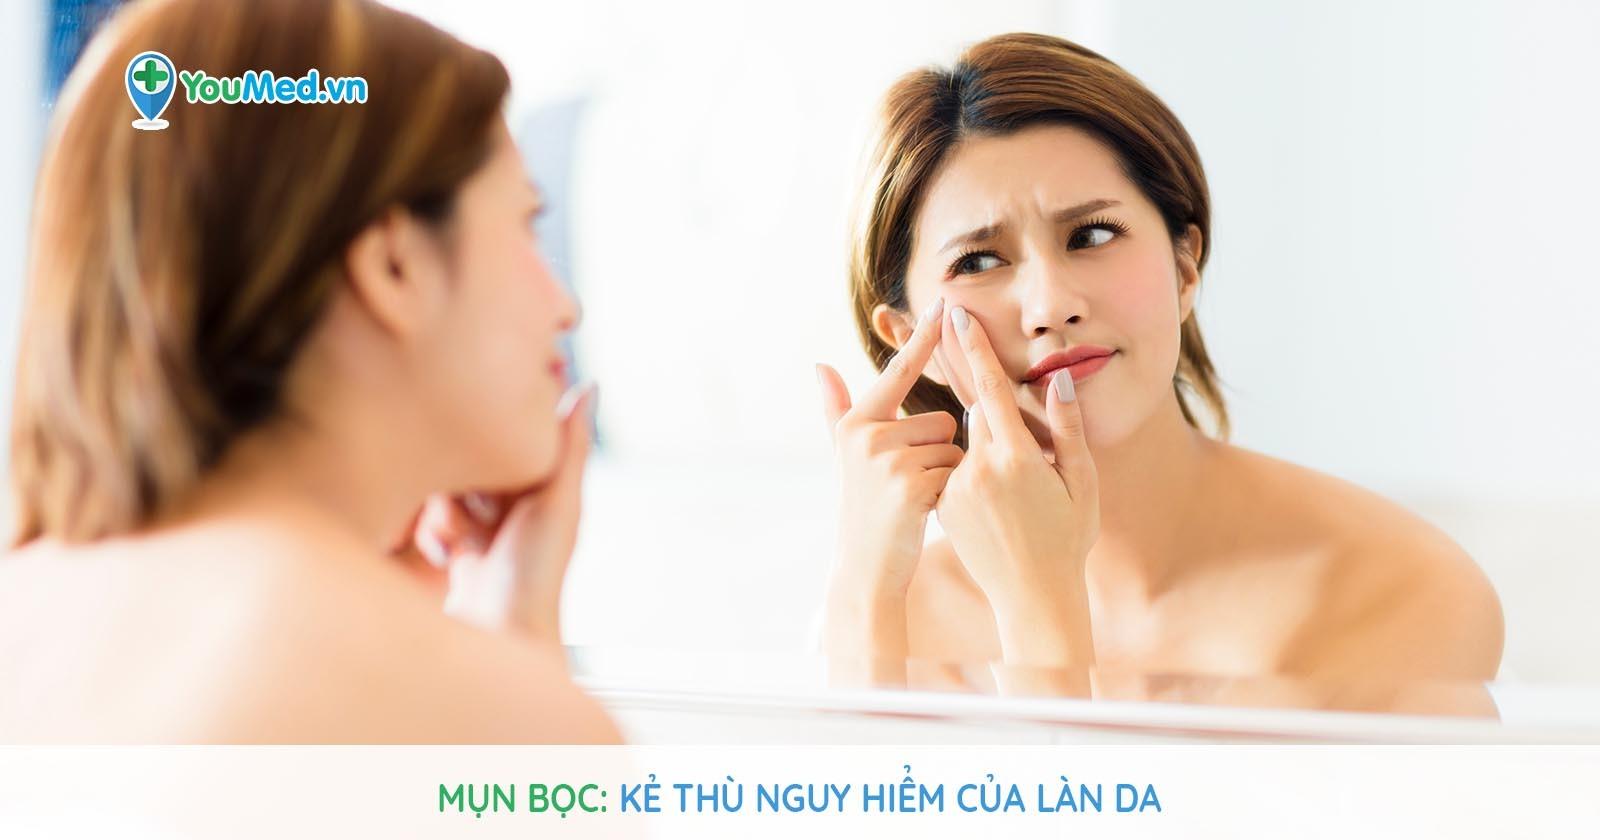 Mụn bọc: Kẻ thù nguy hiểm của làn da